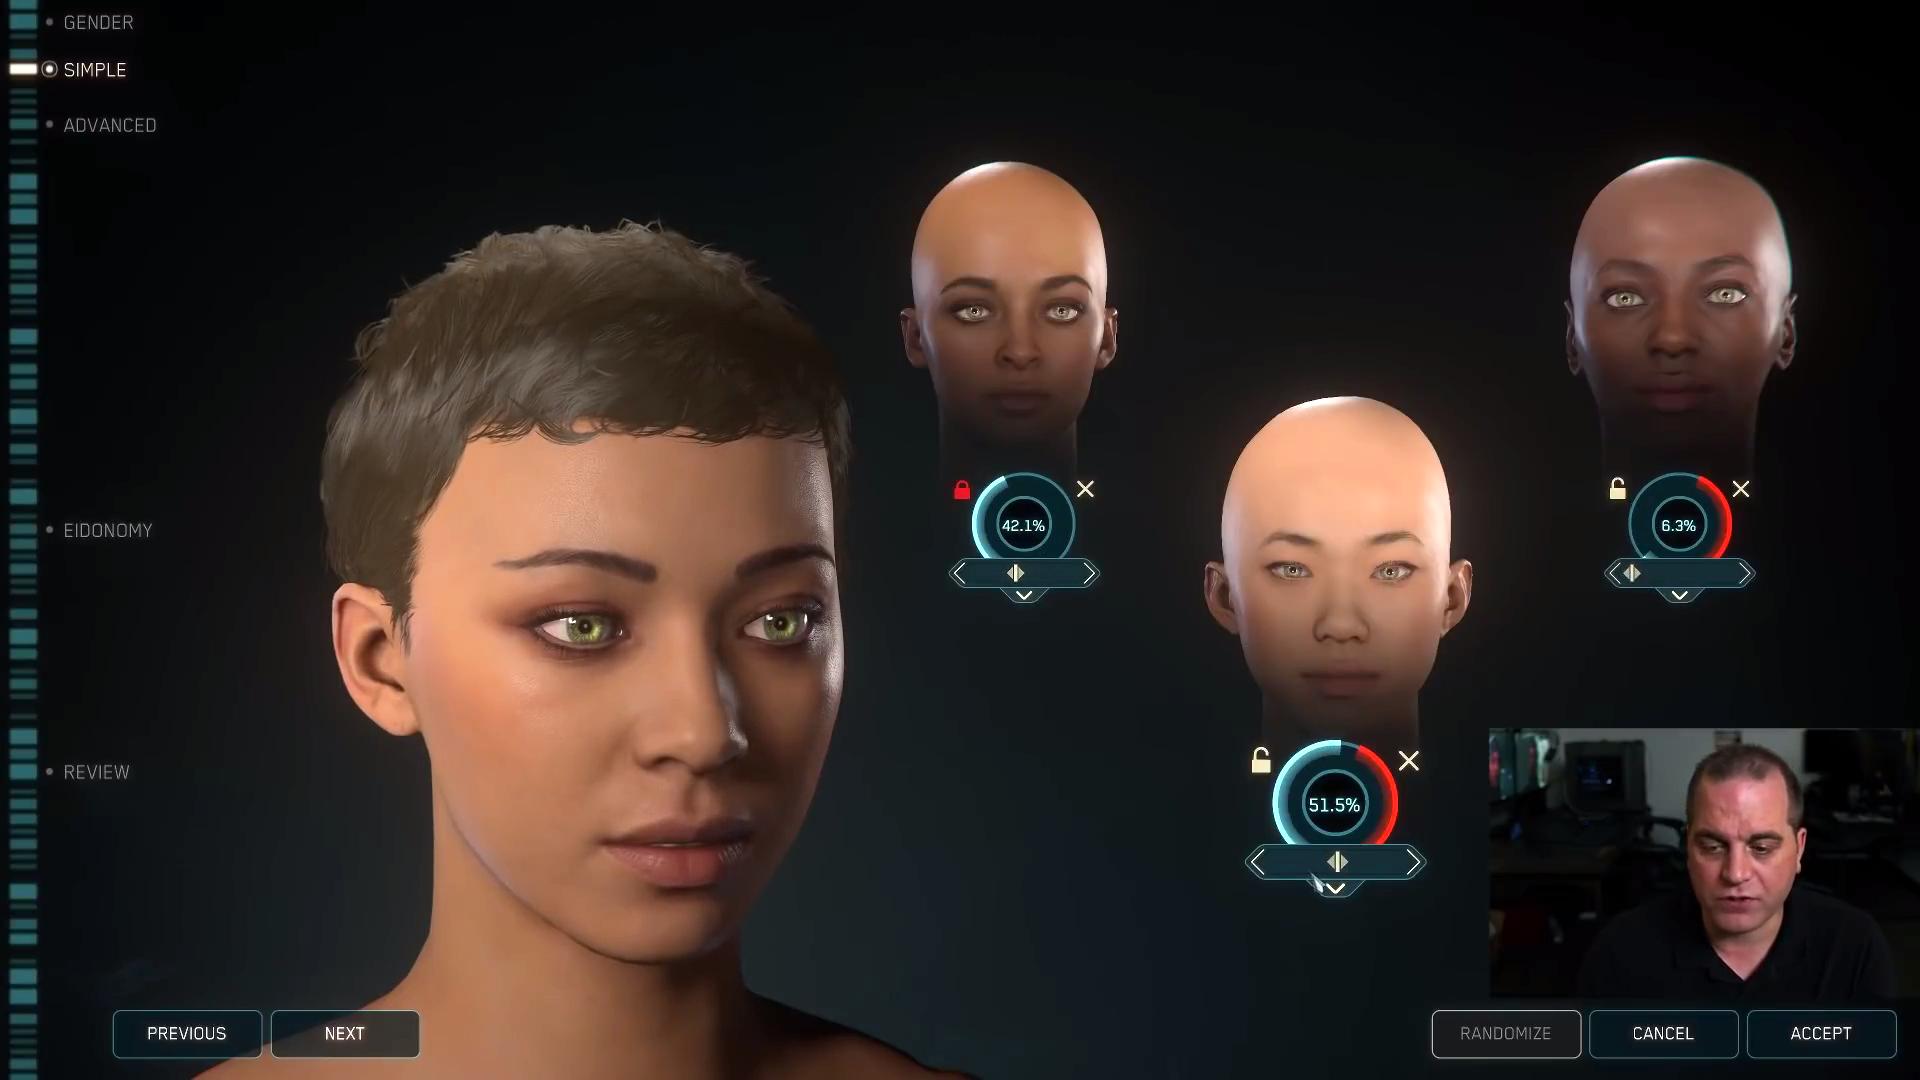 《星际公民》新增女性可玩角色 捏脸功能超精细